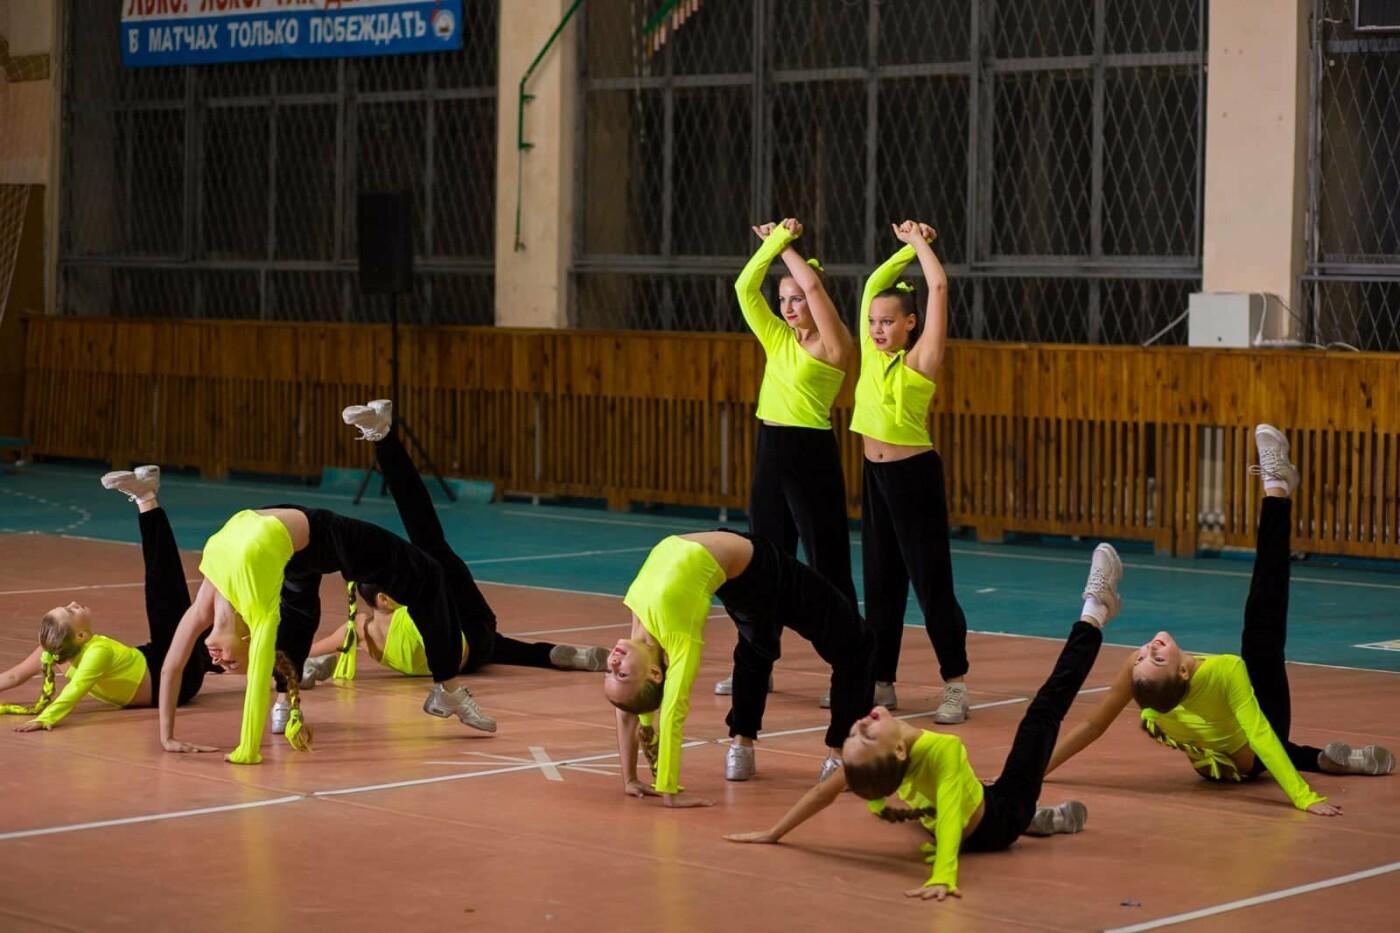 Команда лозовских спортсменок завоевала призы по чирлидингу, фото-1